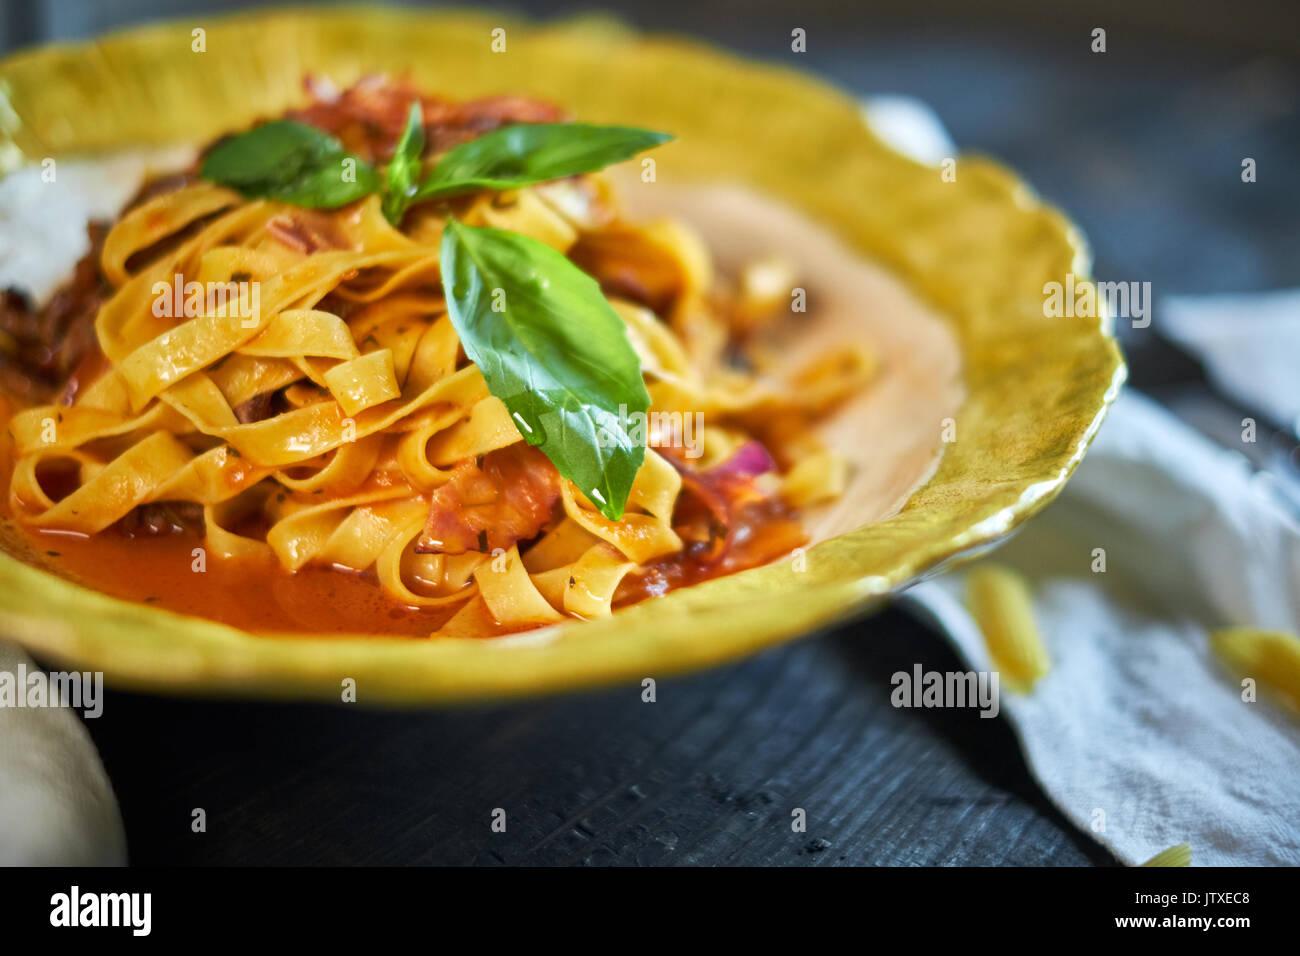 Italienische Nudeln mit Tomaten und Pesto in einem Restaurant jpg Stockbild